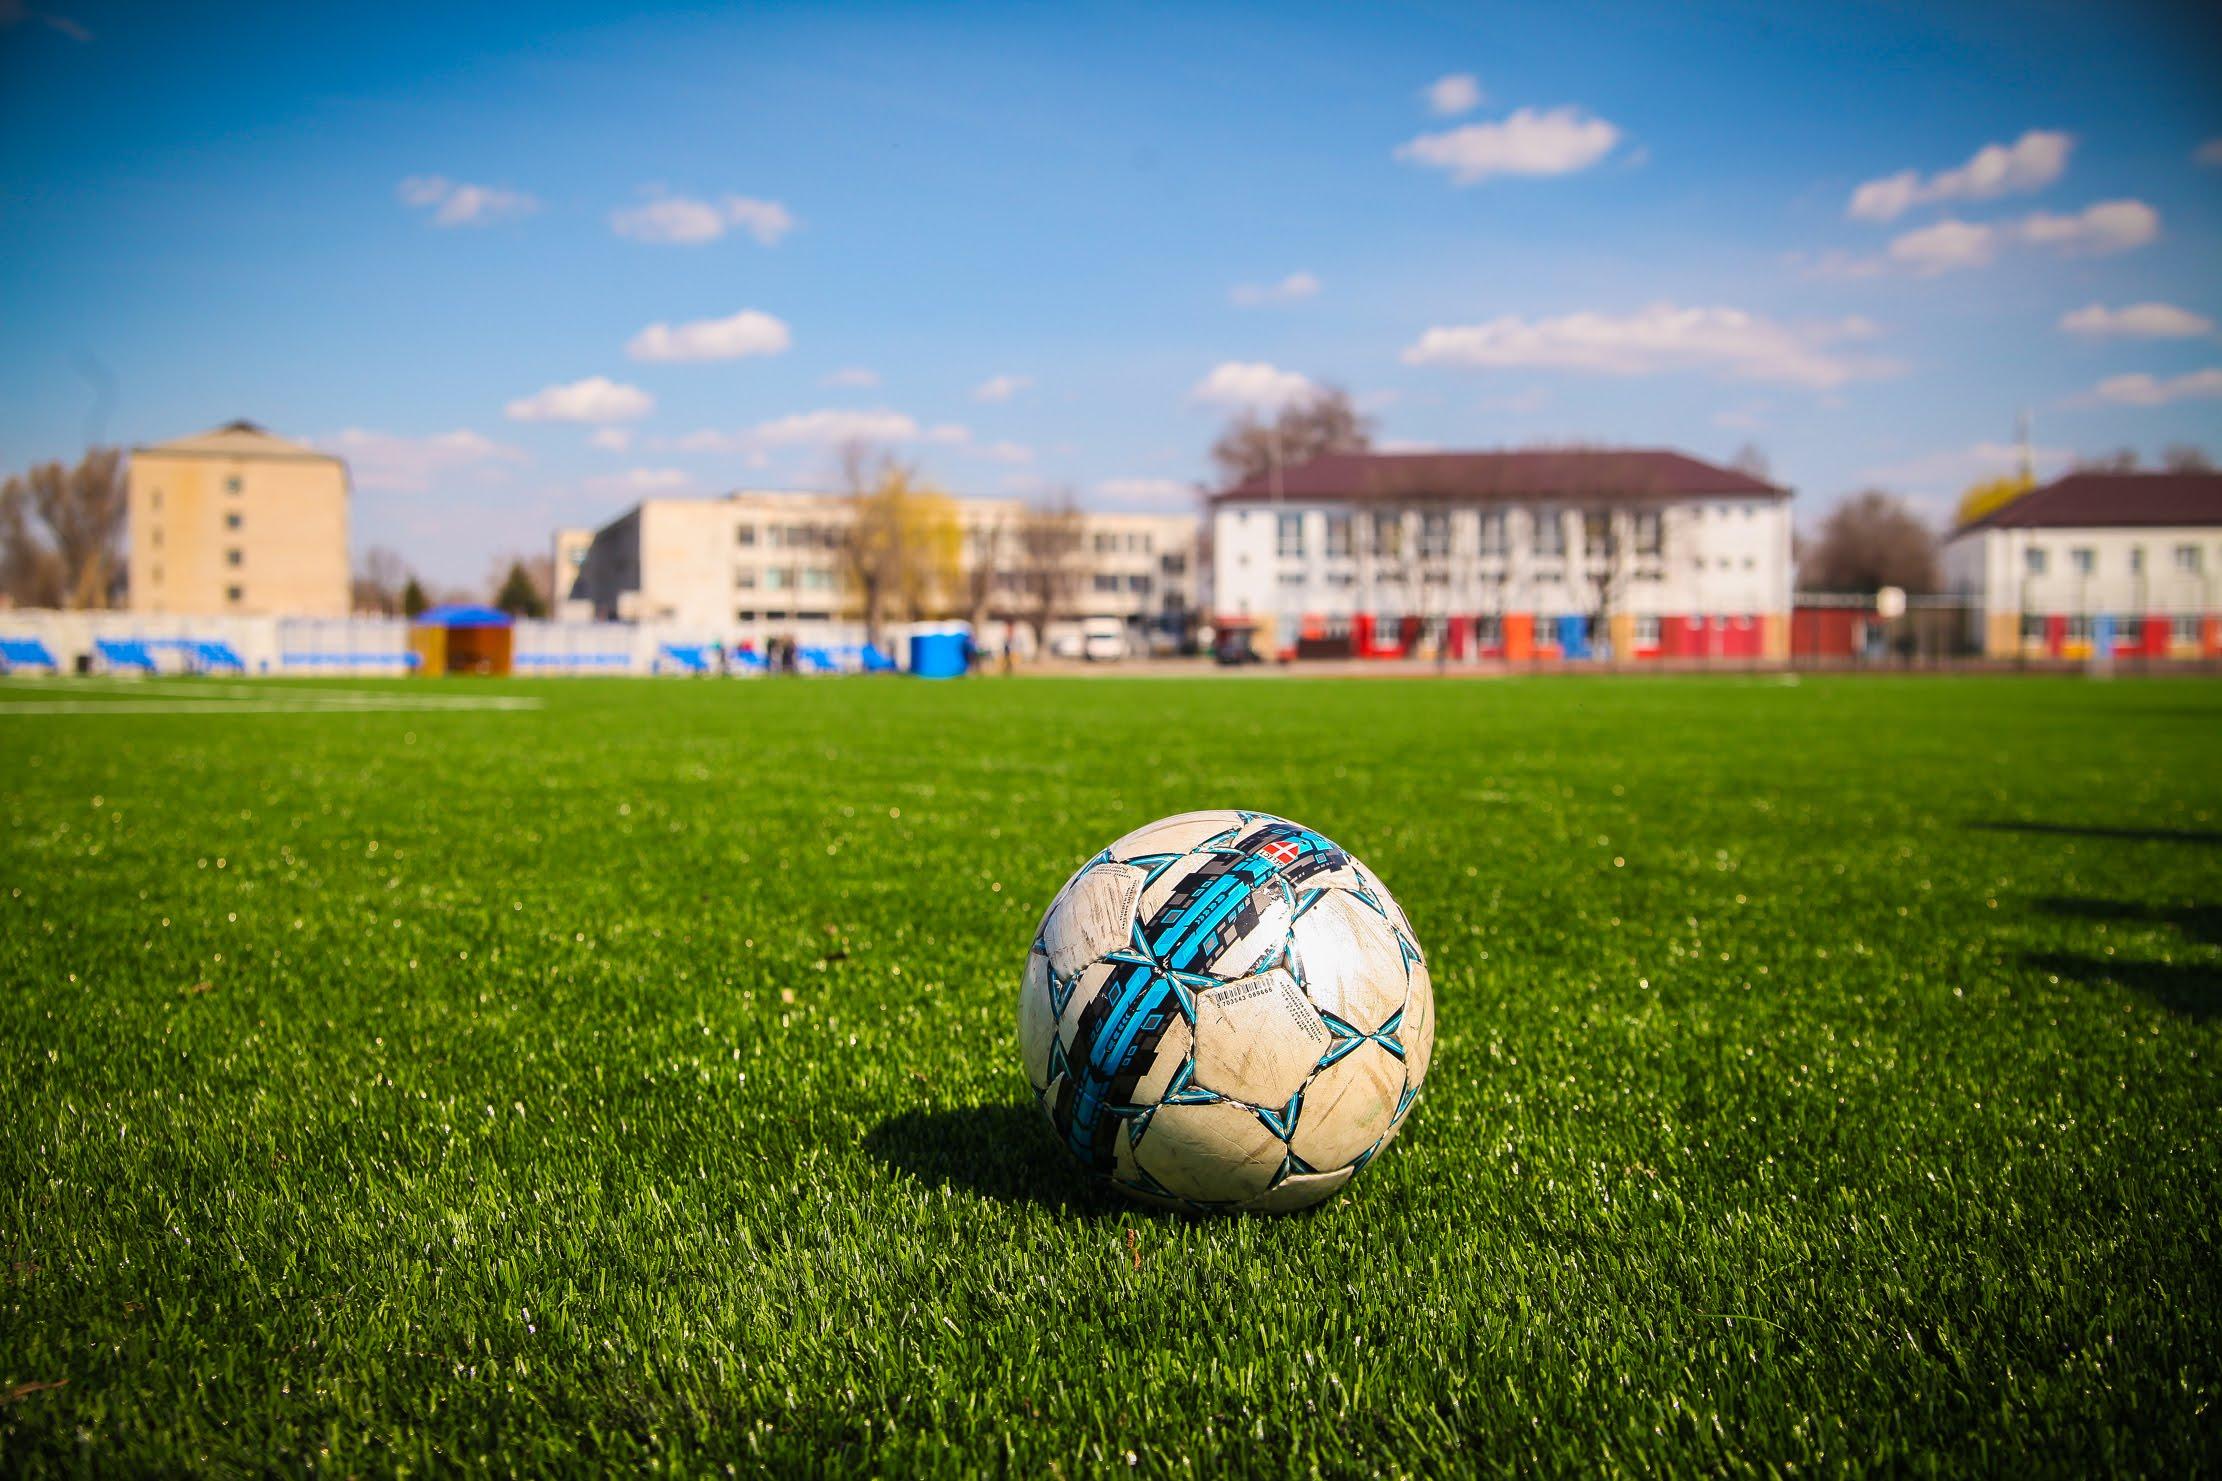 Його головна прикраса – велике поле для футболу